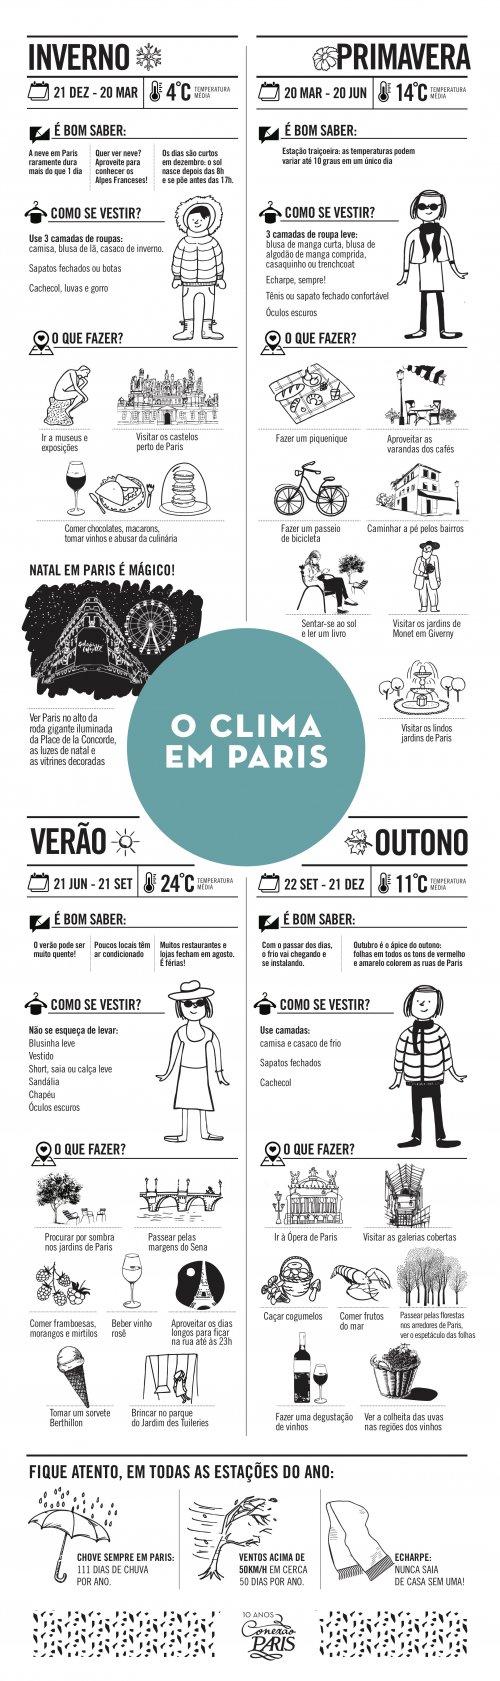 O clima em Paris